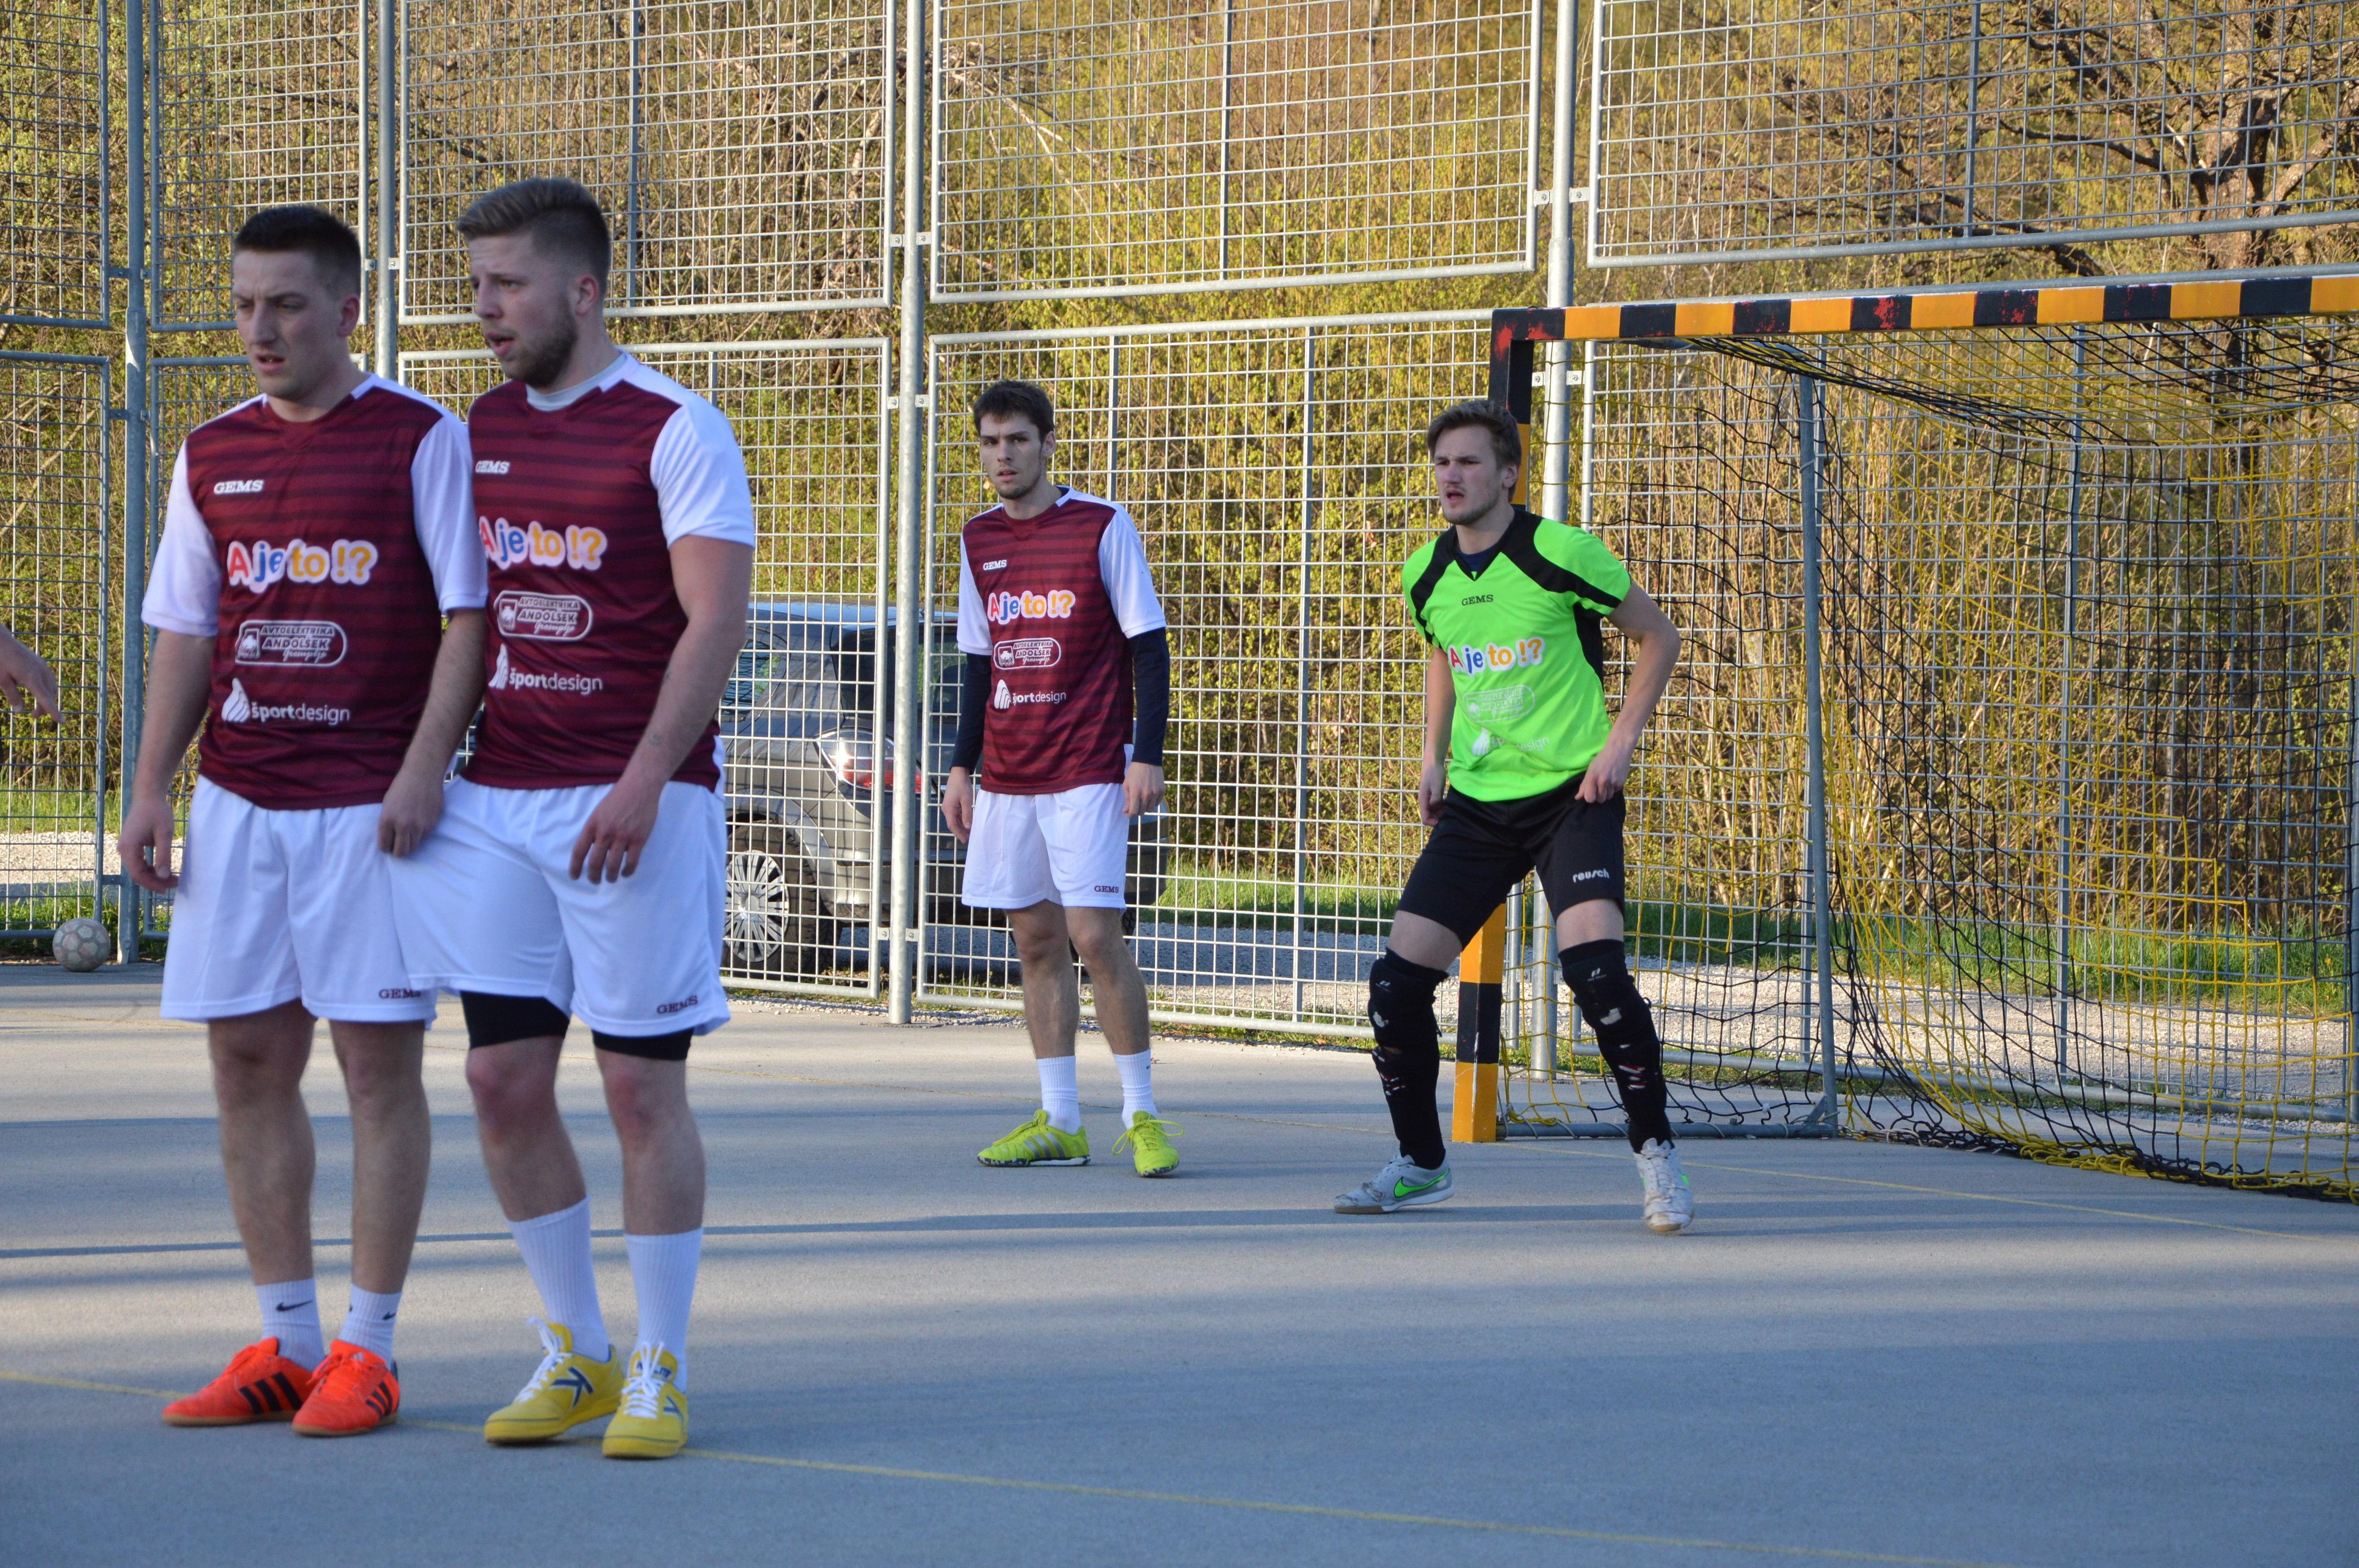 Začenja se futsal liga Dobrepolje 2017